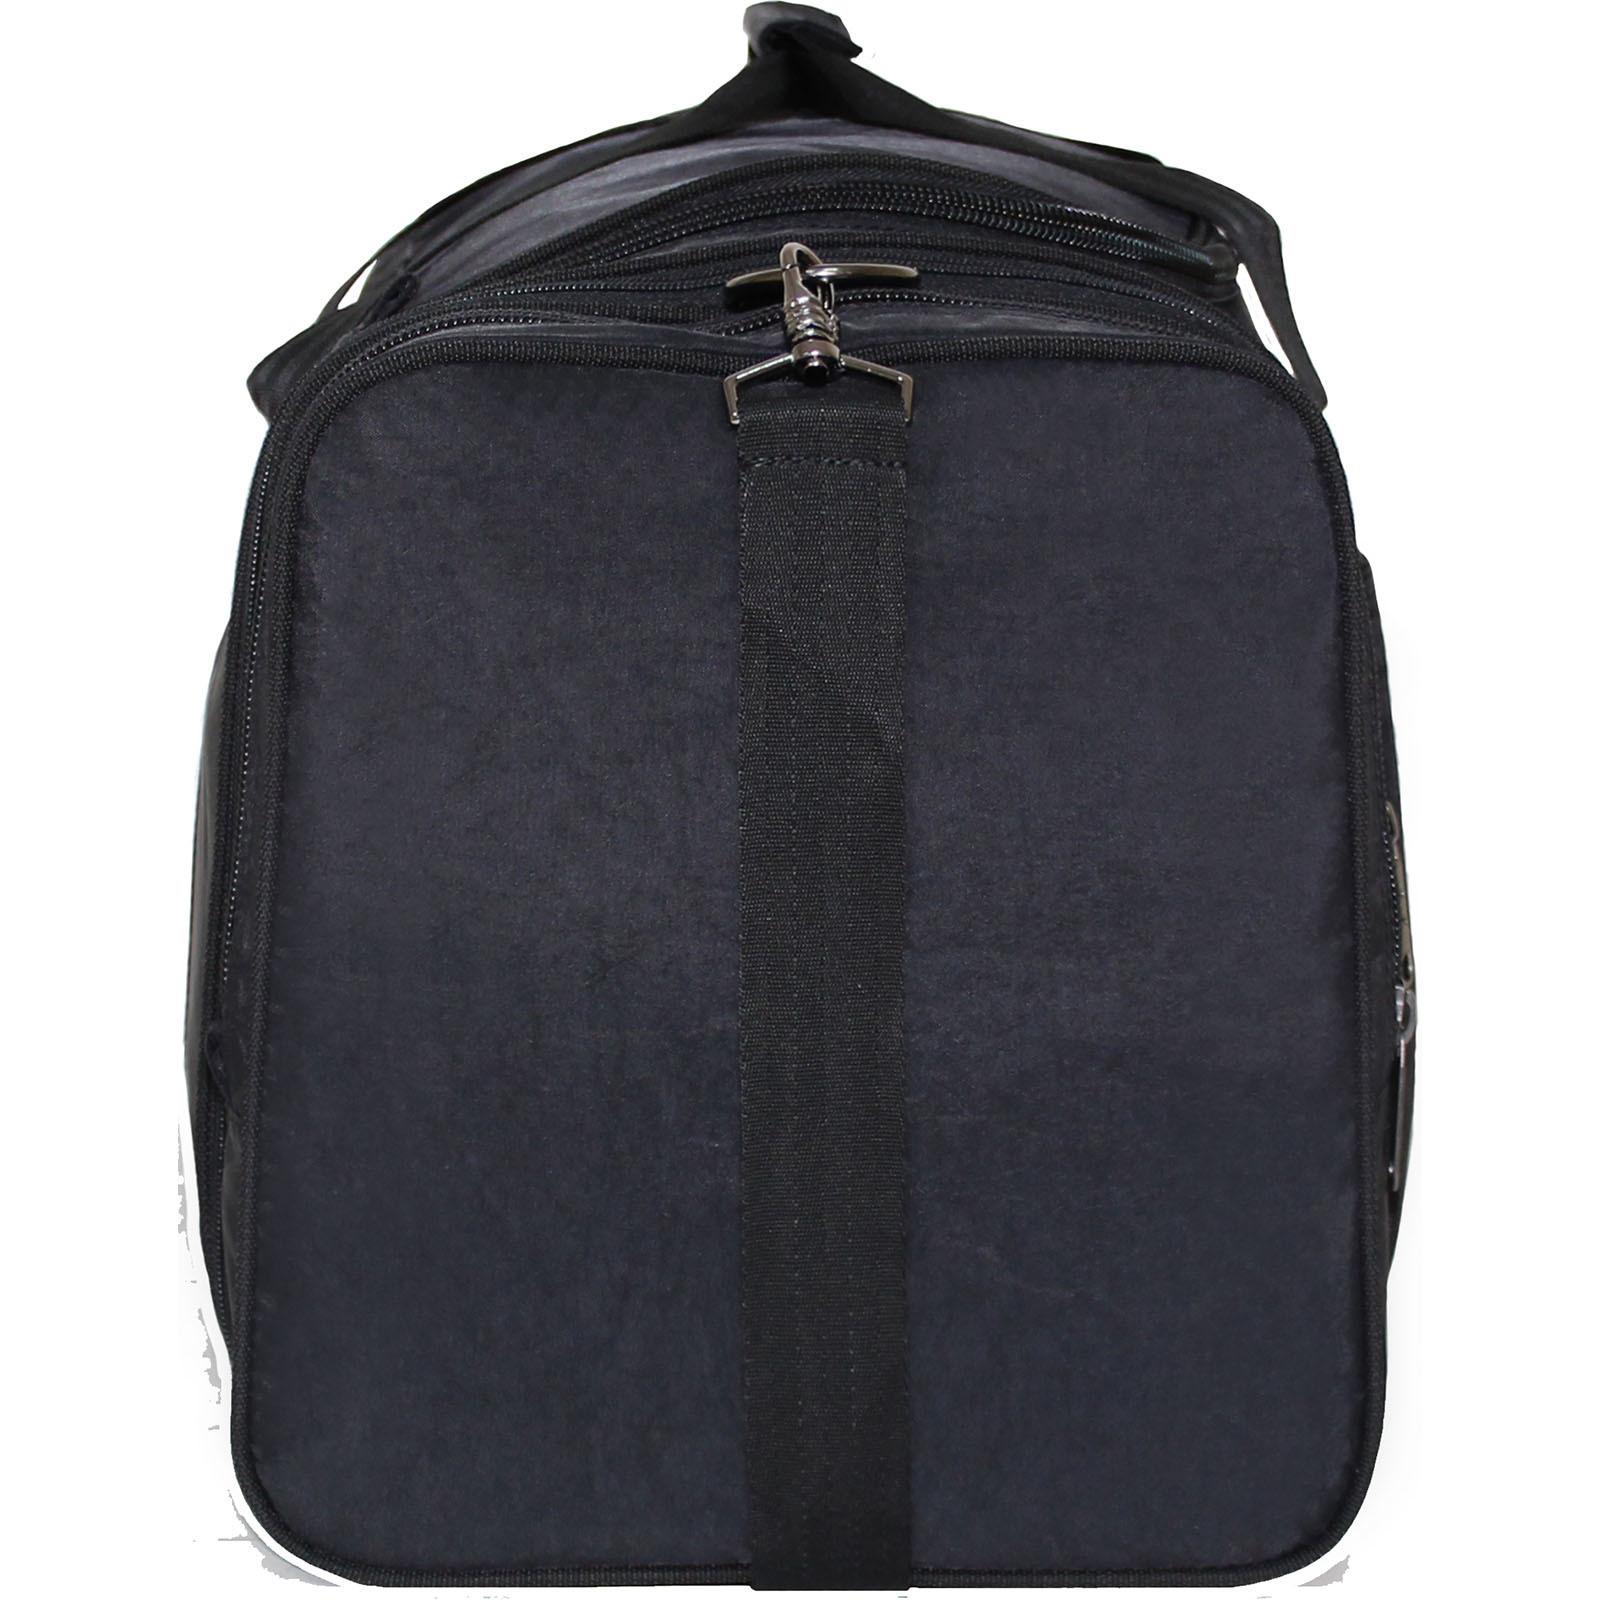 c2494c492a9b Спортивная сумка Bagland Мюнхен 59 л. Черный (0032570)